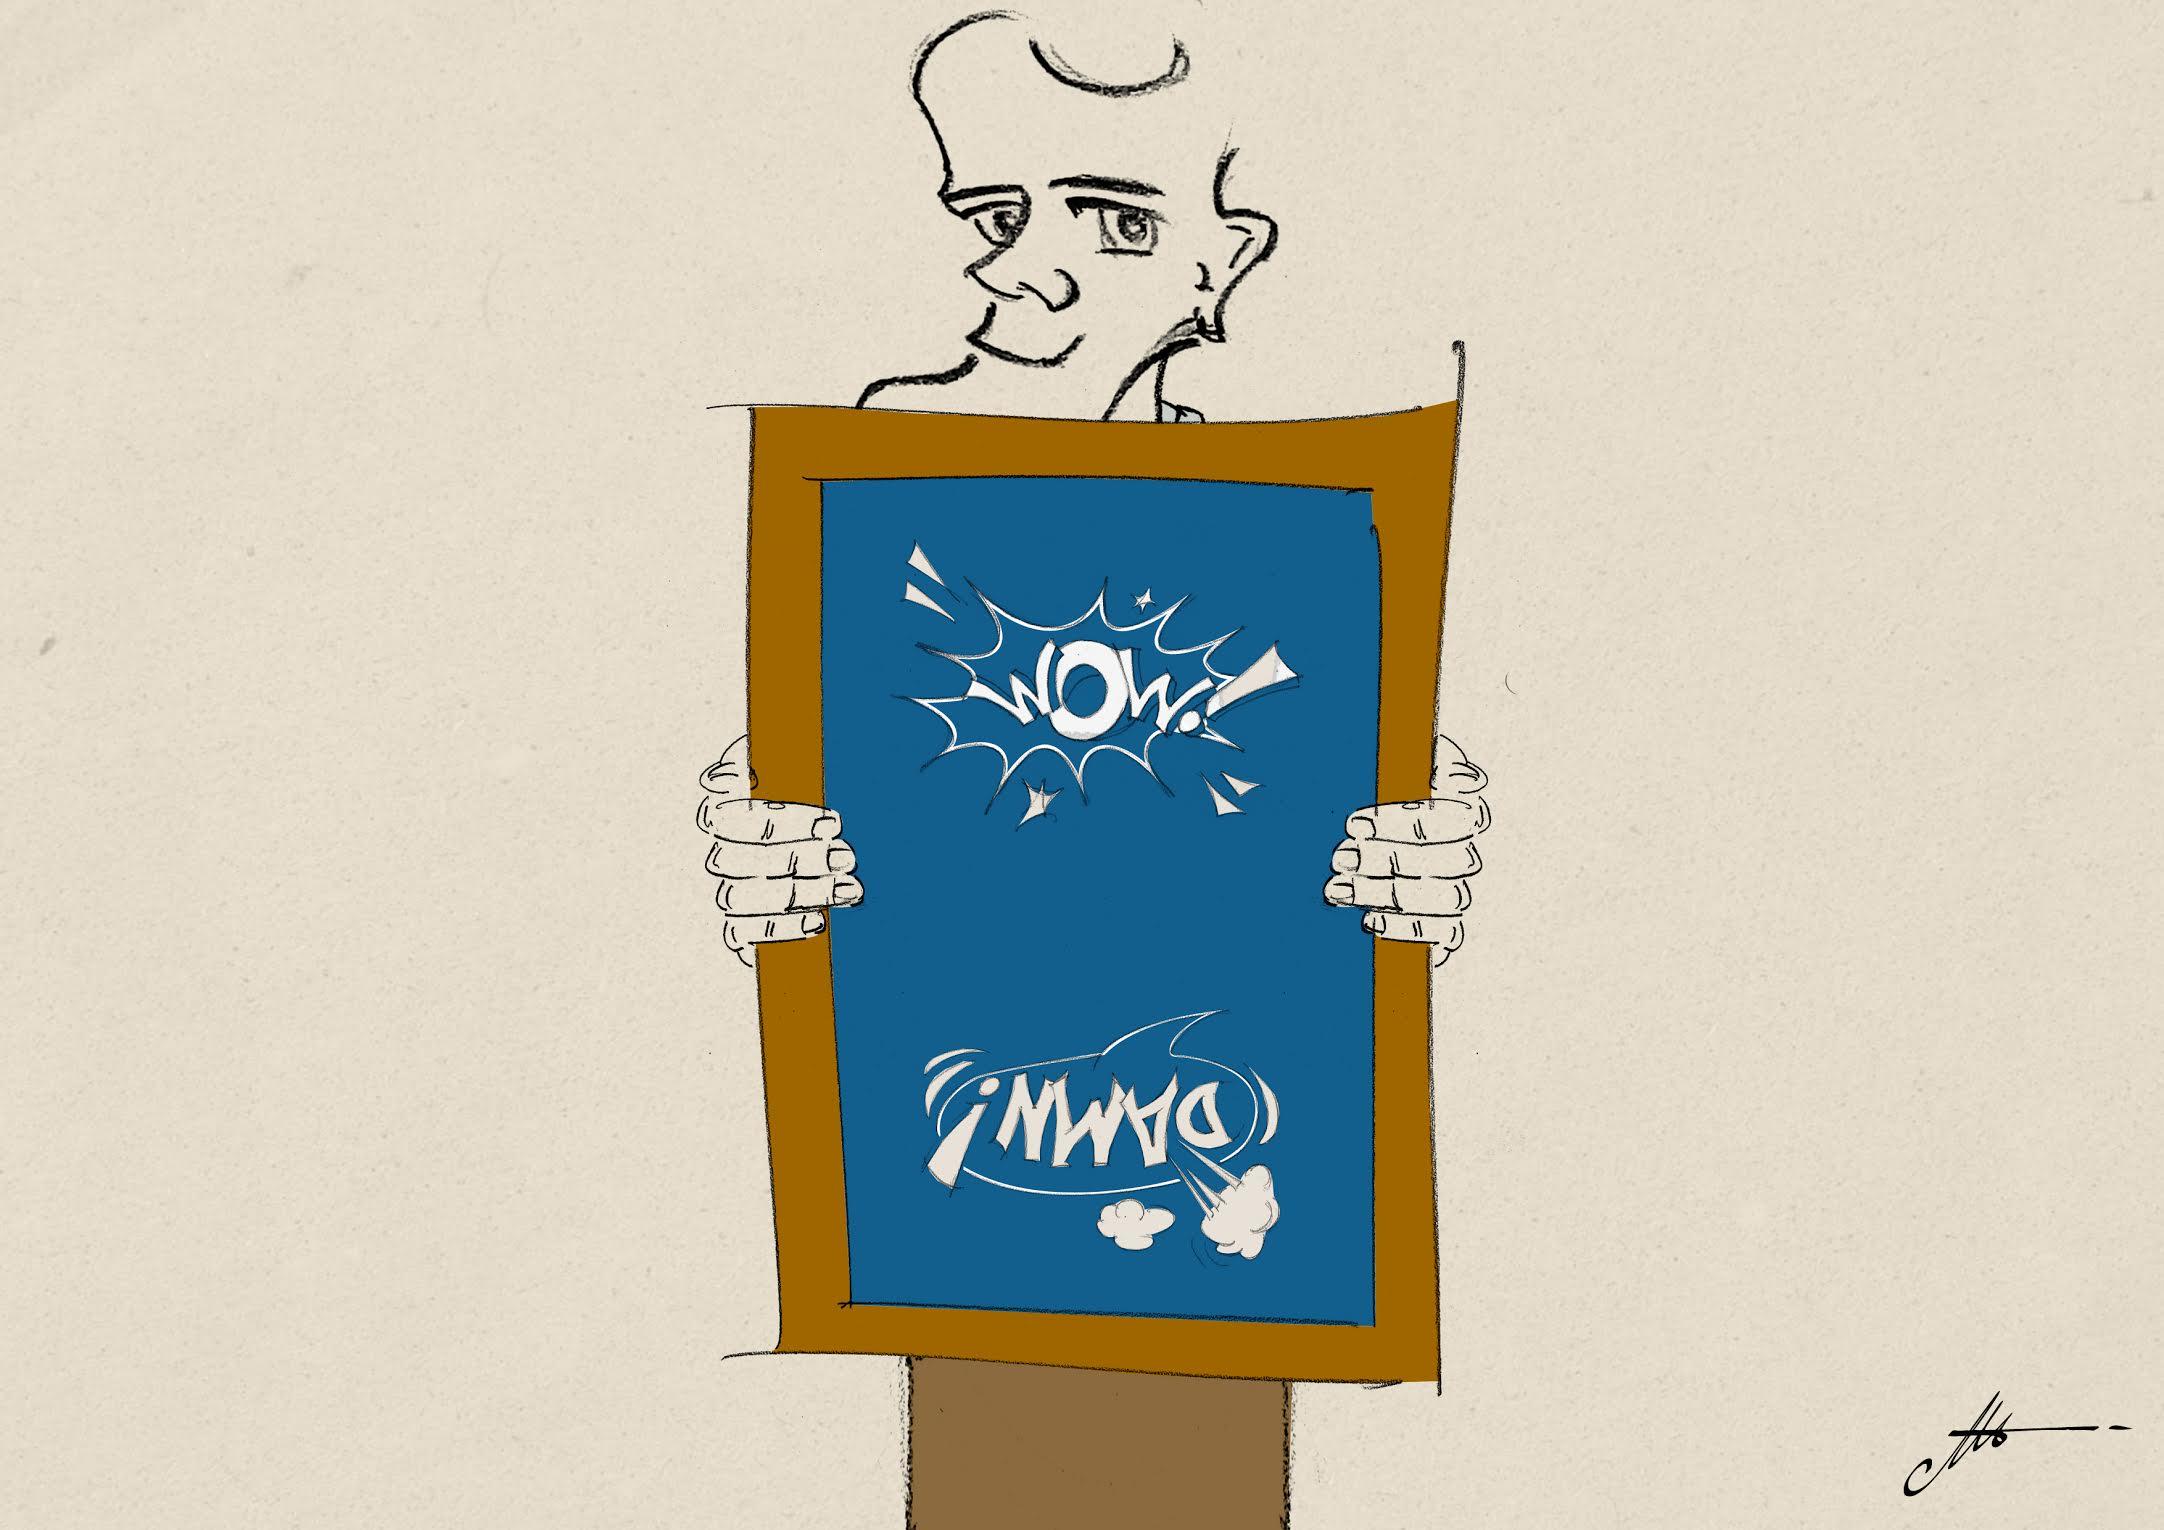 Impresión de varios logotipos e inscripciones en las camisetas